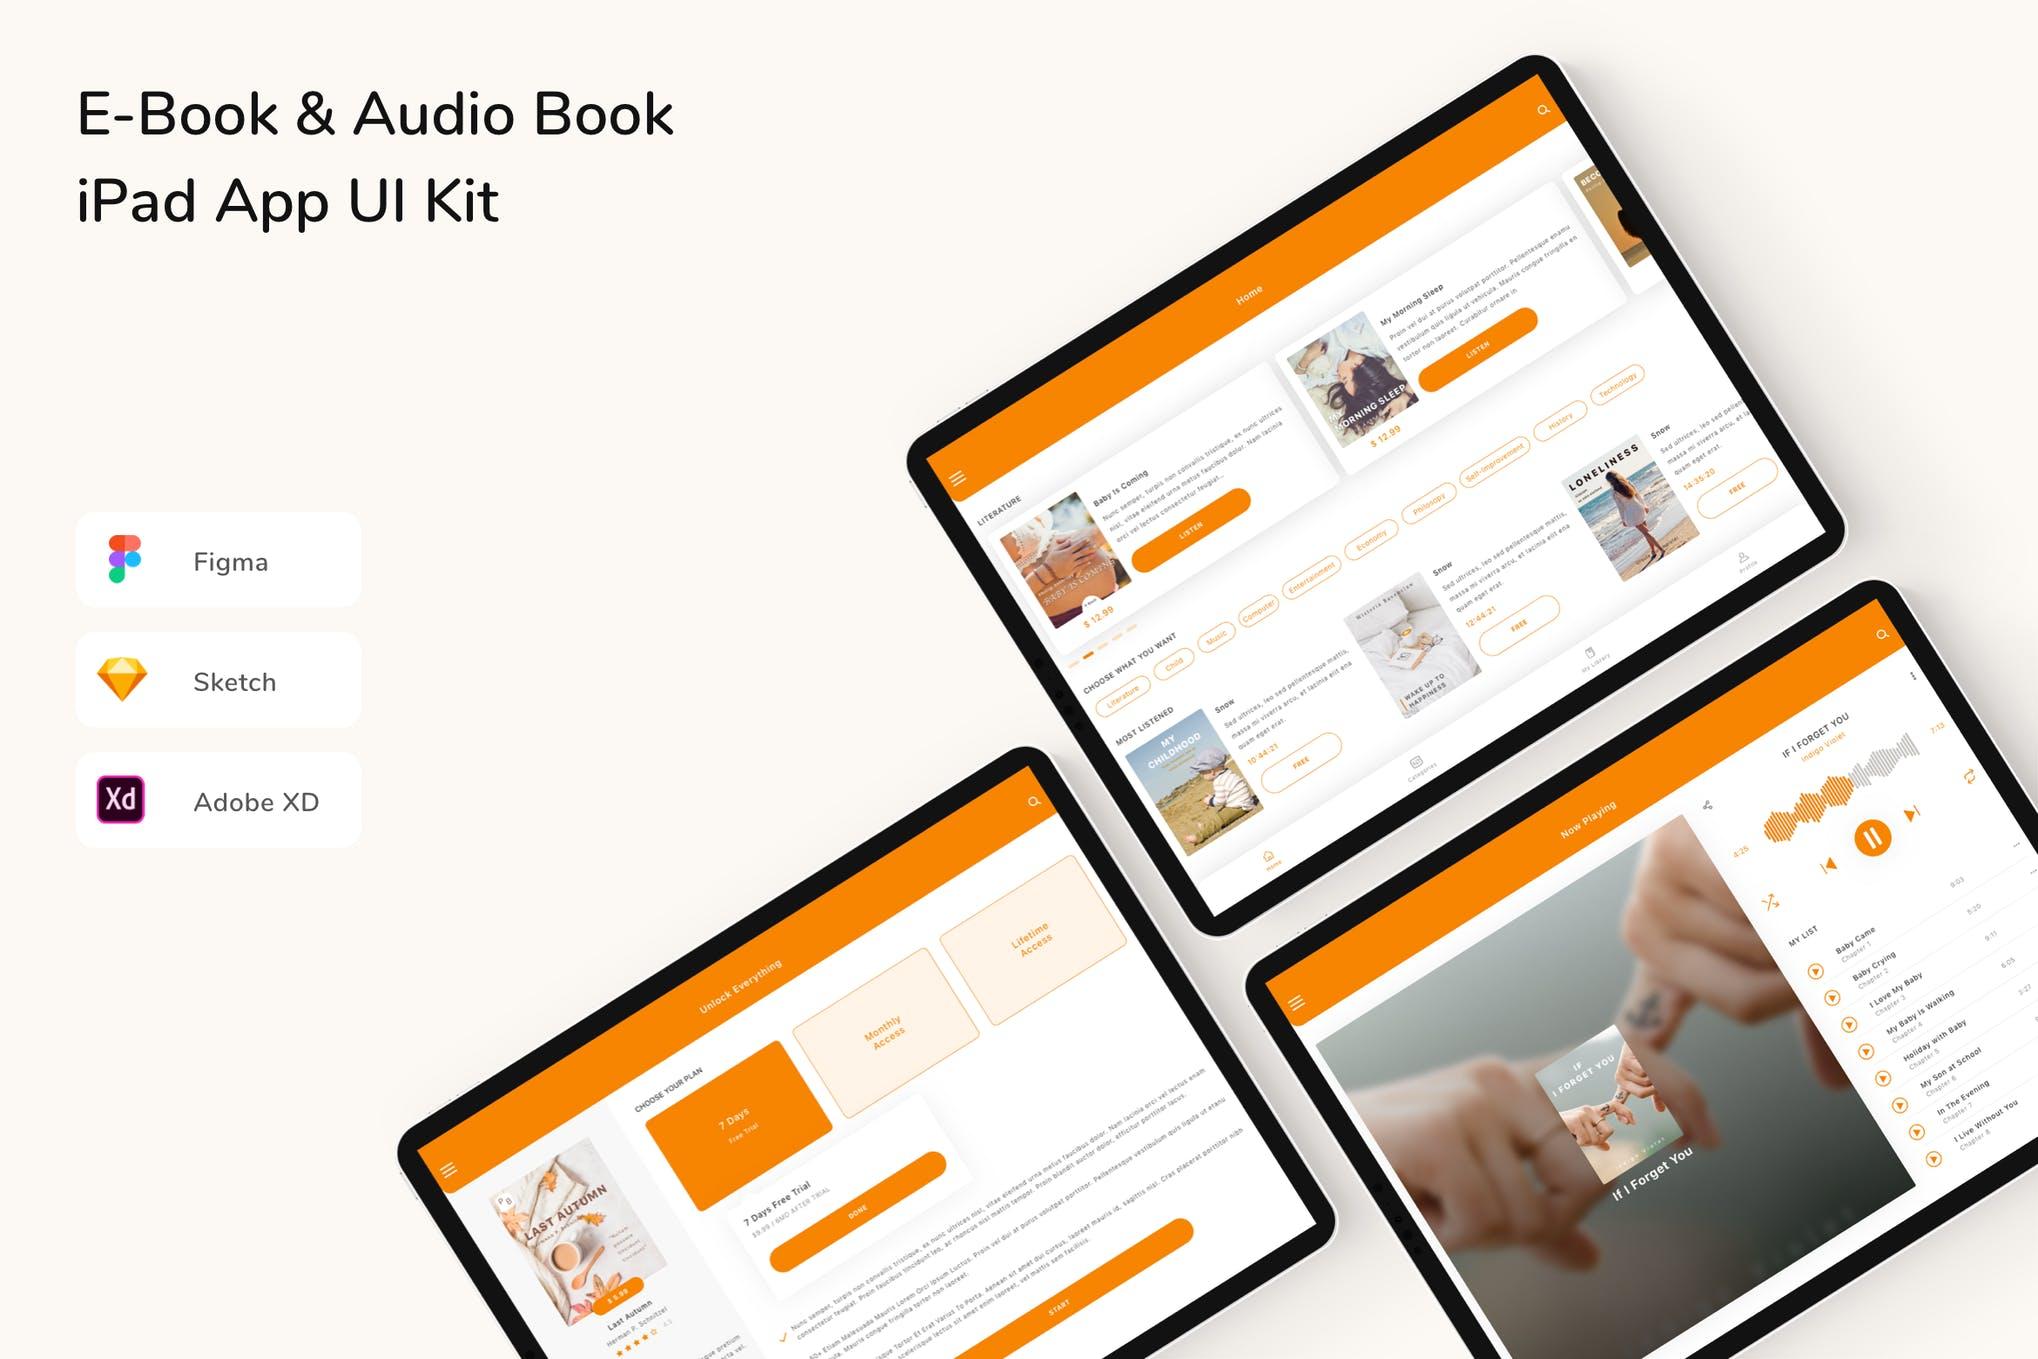 E-Book & Audio Book iPad App UI Kit